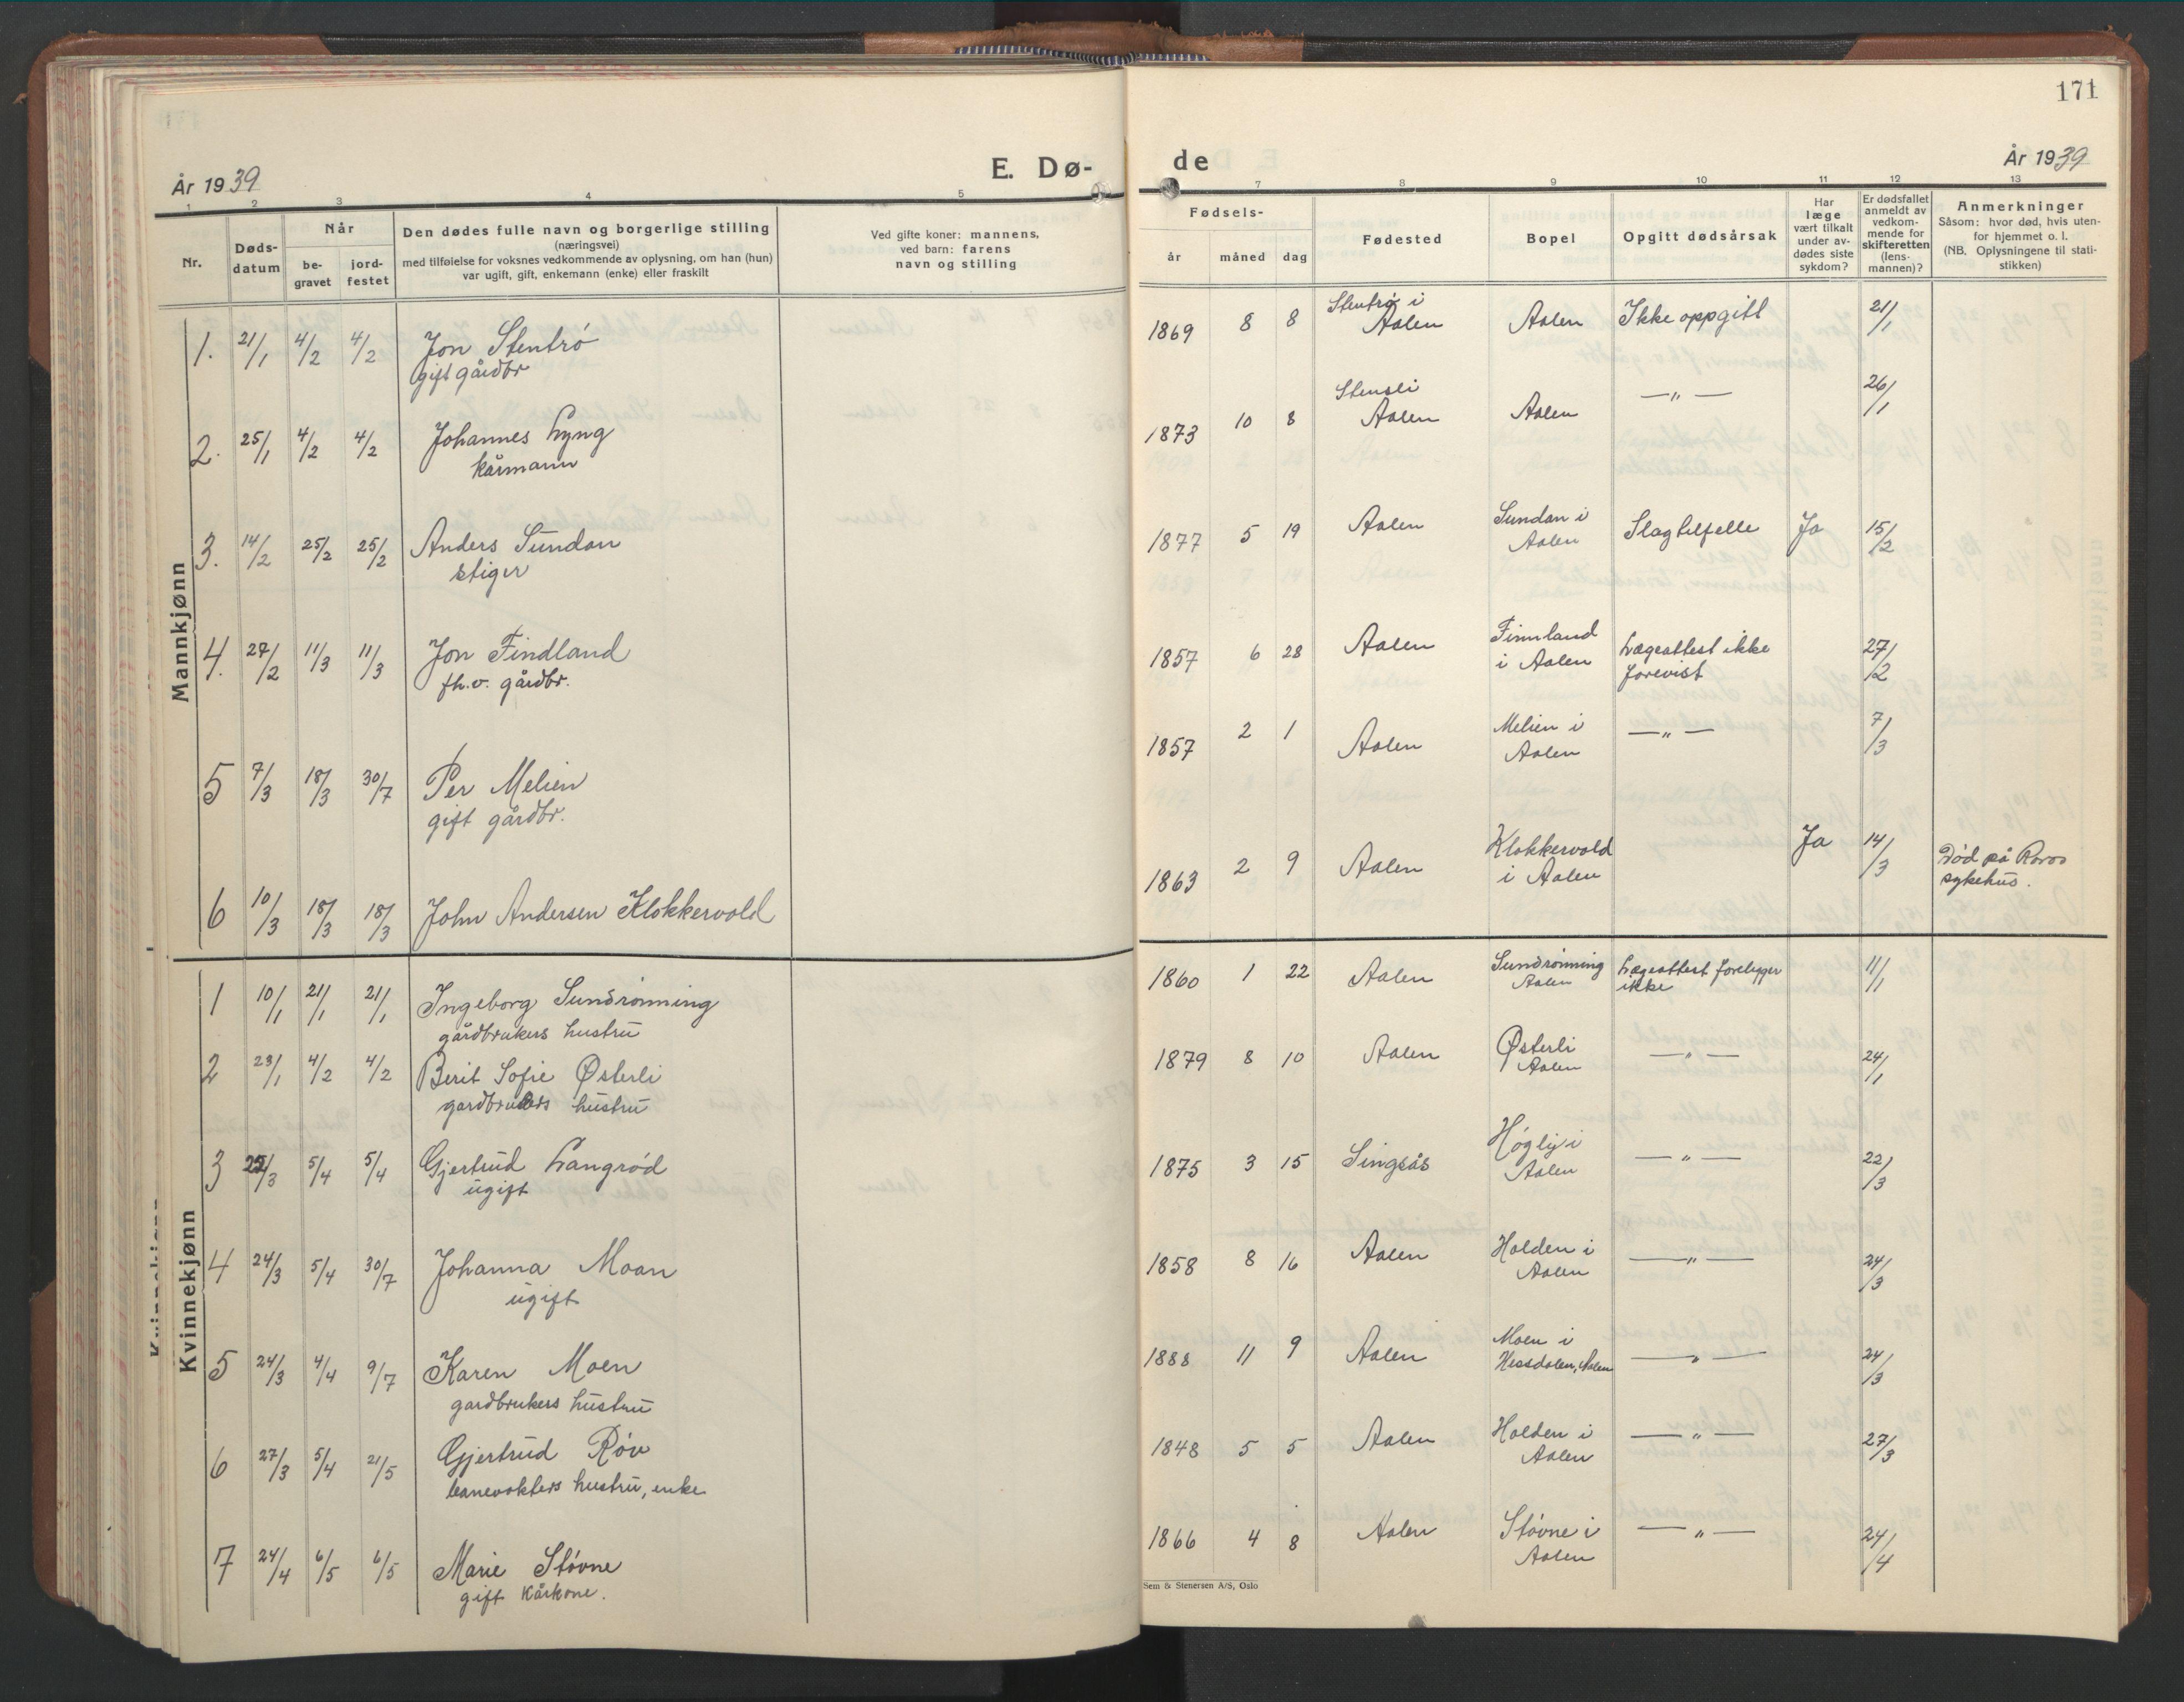 SAT, Ministerialprotokoller, klokkerbøker og fødselsregistre - Sør-Trøndelag, 686/L0986: Klokkerbok nr. 686C02, 1933-1950, s. 171